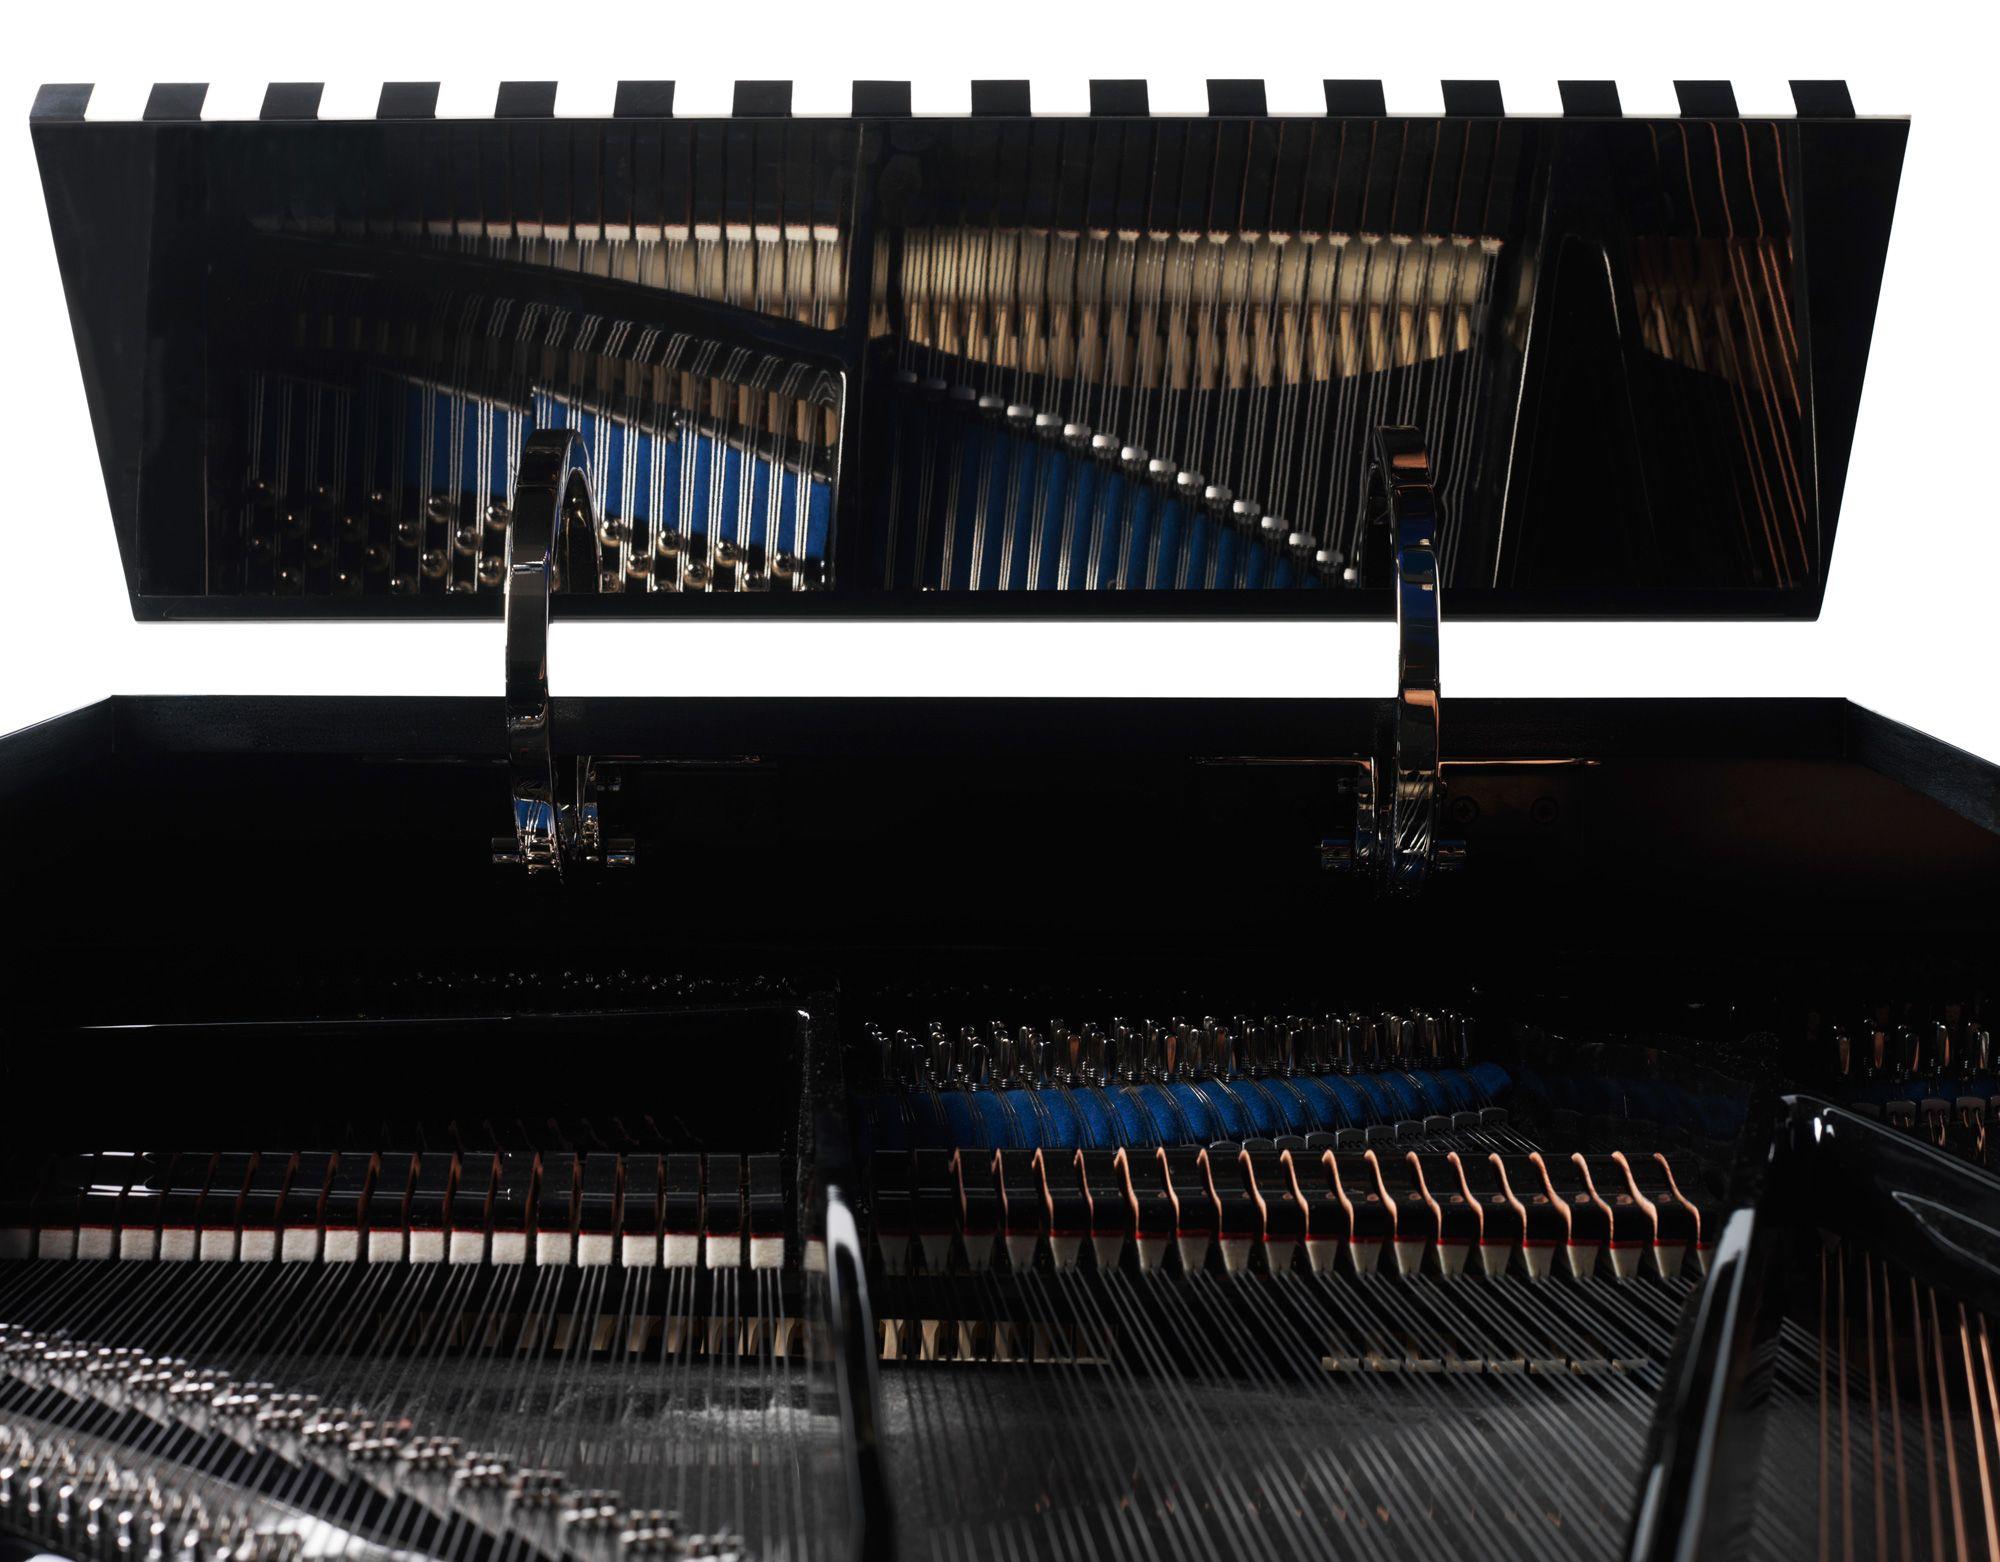 Vue intérieure du piano Pleyel Voie Lactée série limitée design Andrée Putman